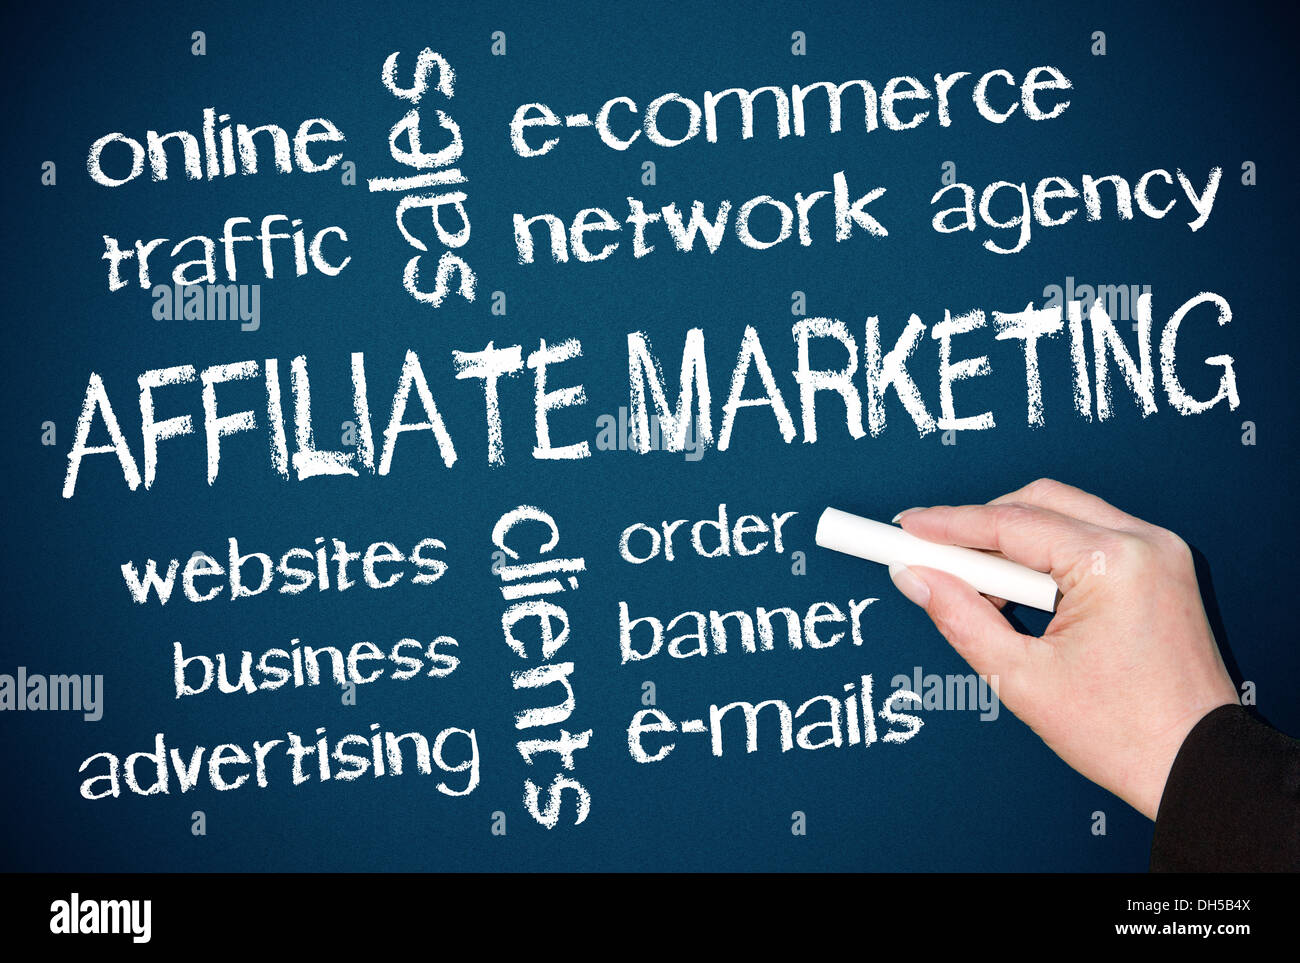 Affiliate Marketing - Stock Image